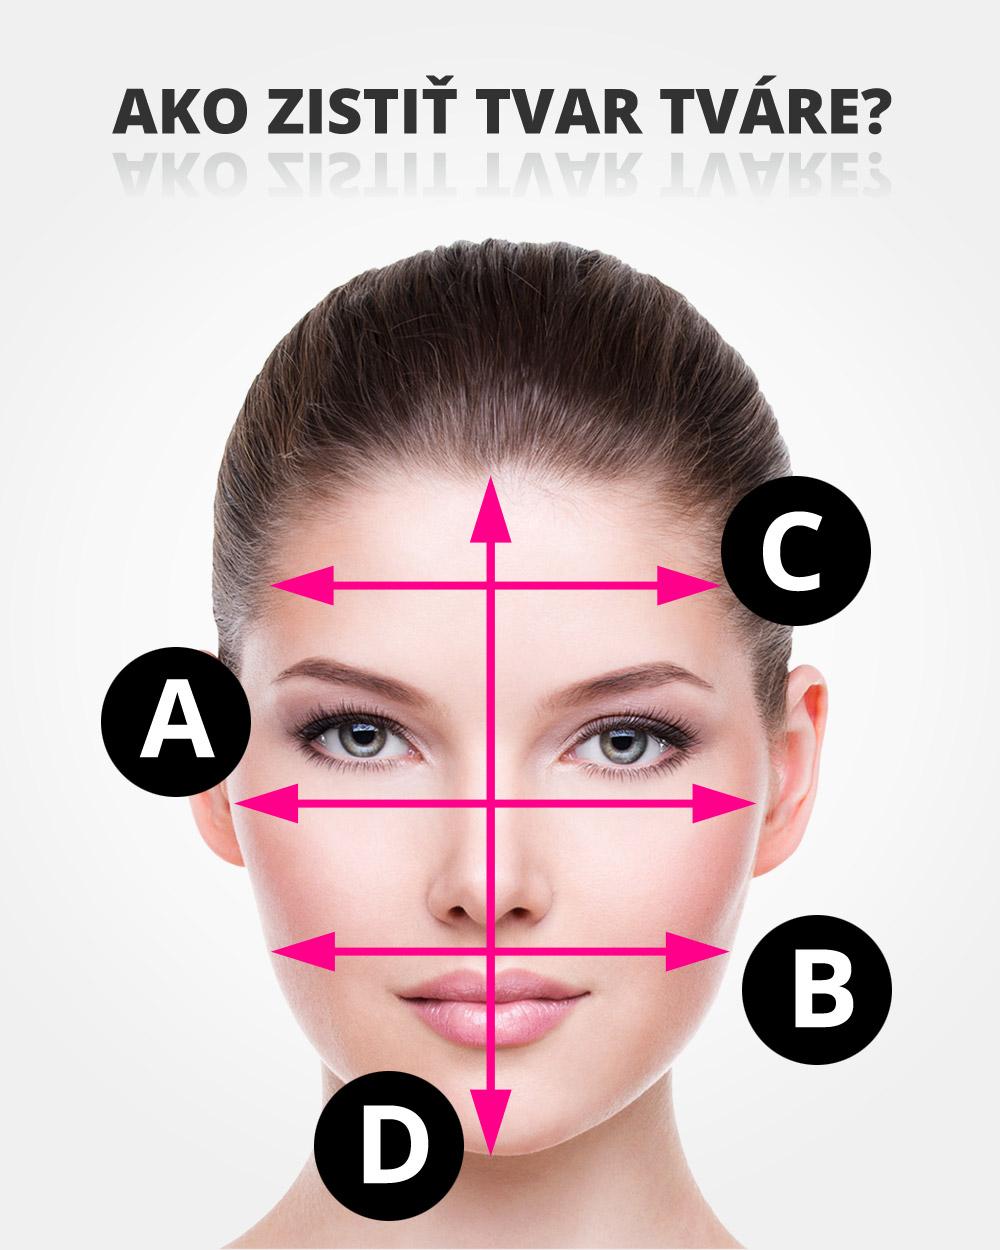 Ako zistiť tvar tváre? Zmerajte svoju tvár na štyroch miestach a zistite, aký je váš tvar tváre.